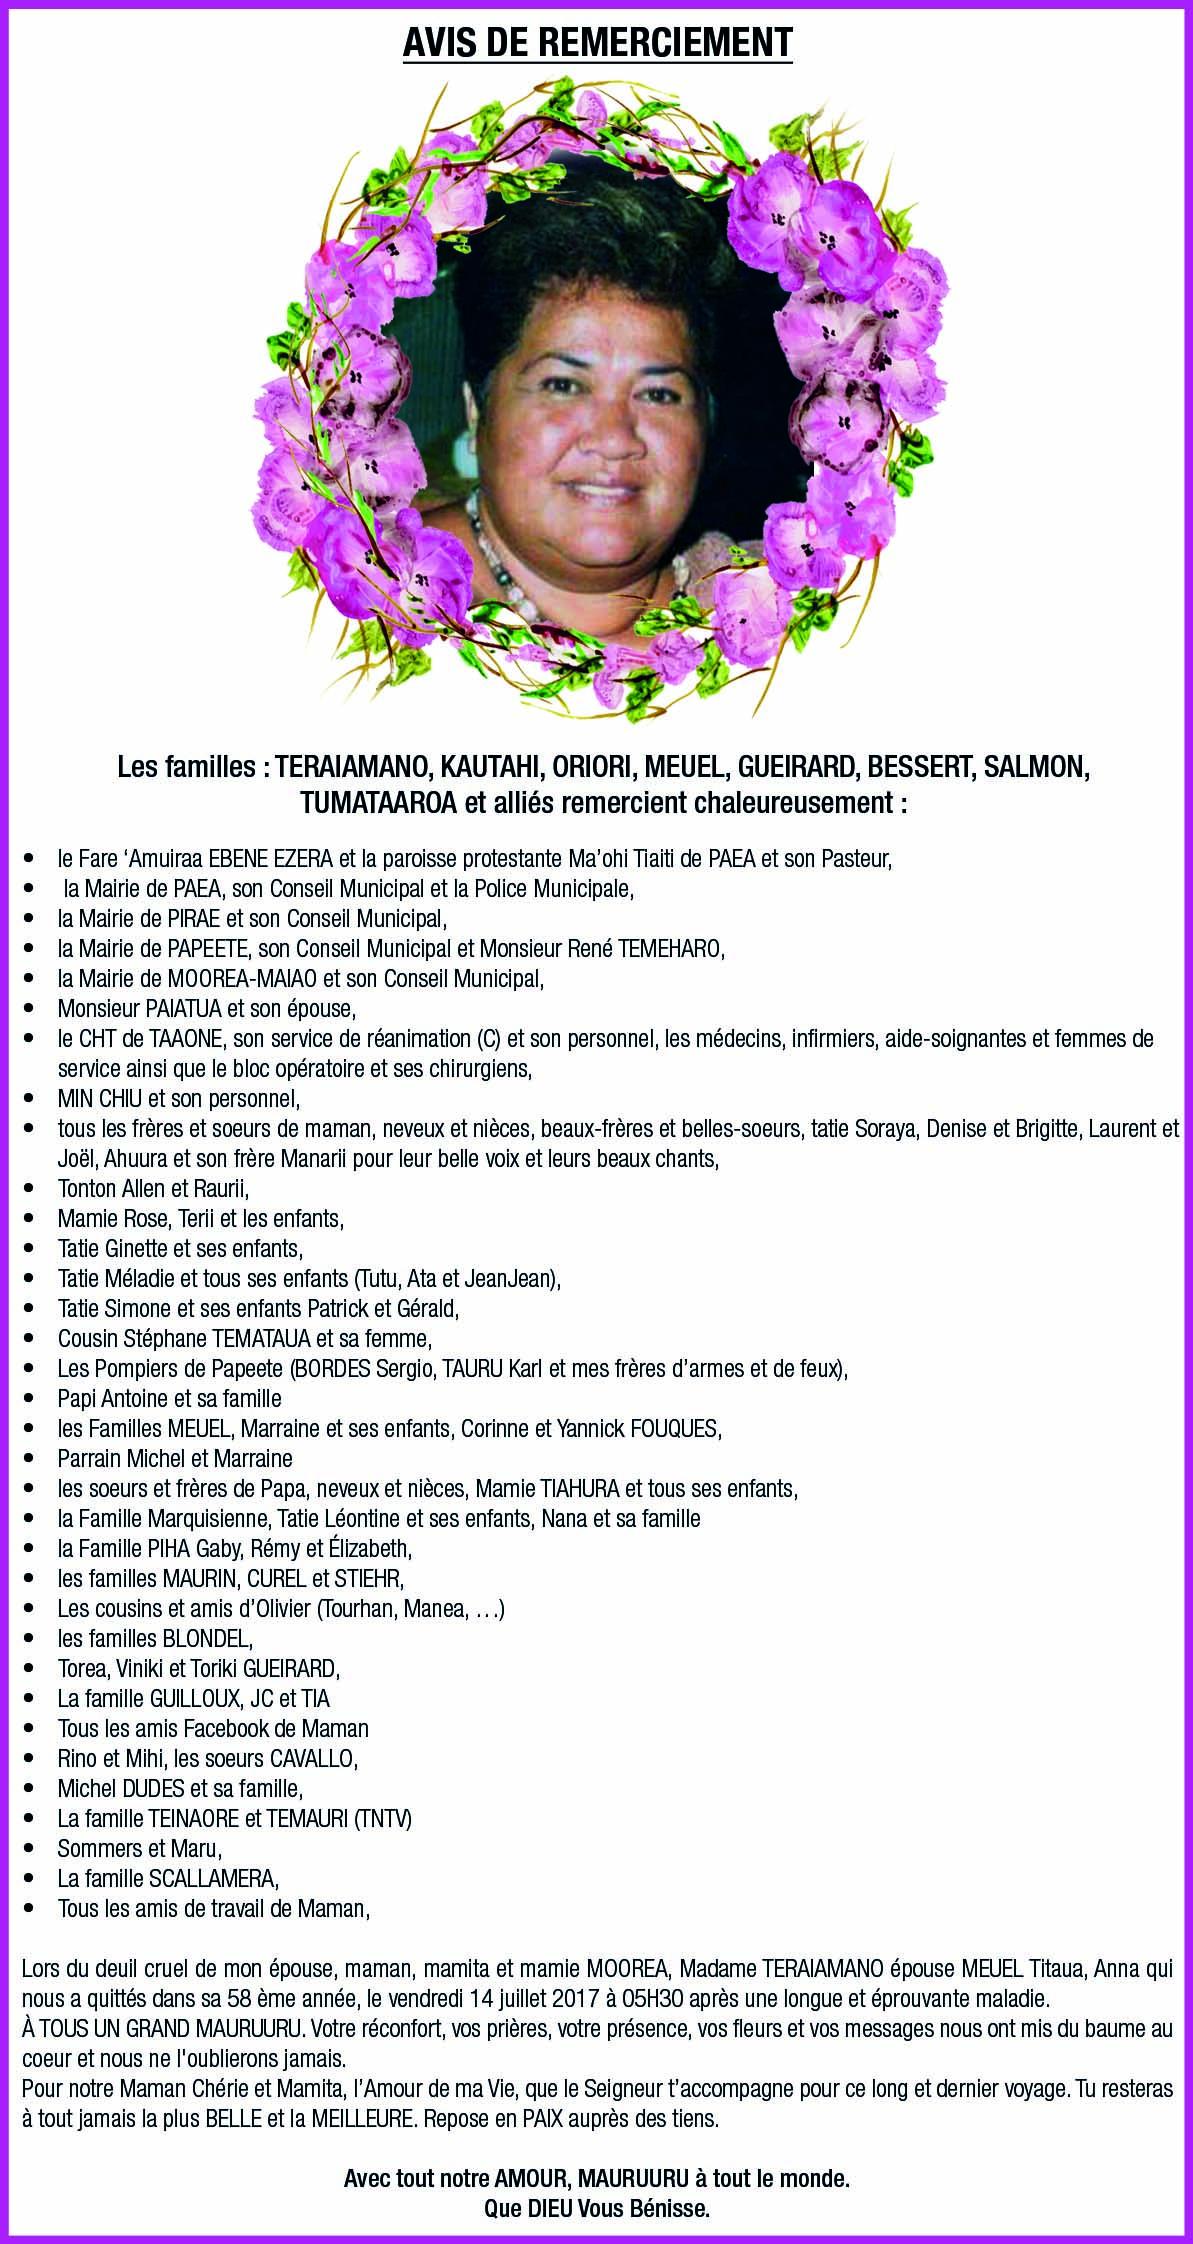 Avis de remerciements Famille TERAIAMANO-MEUEL